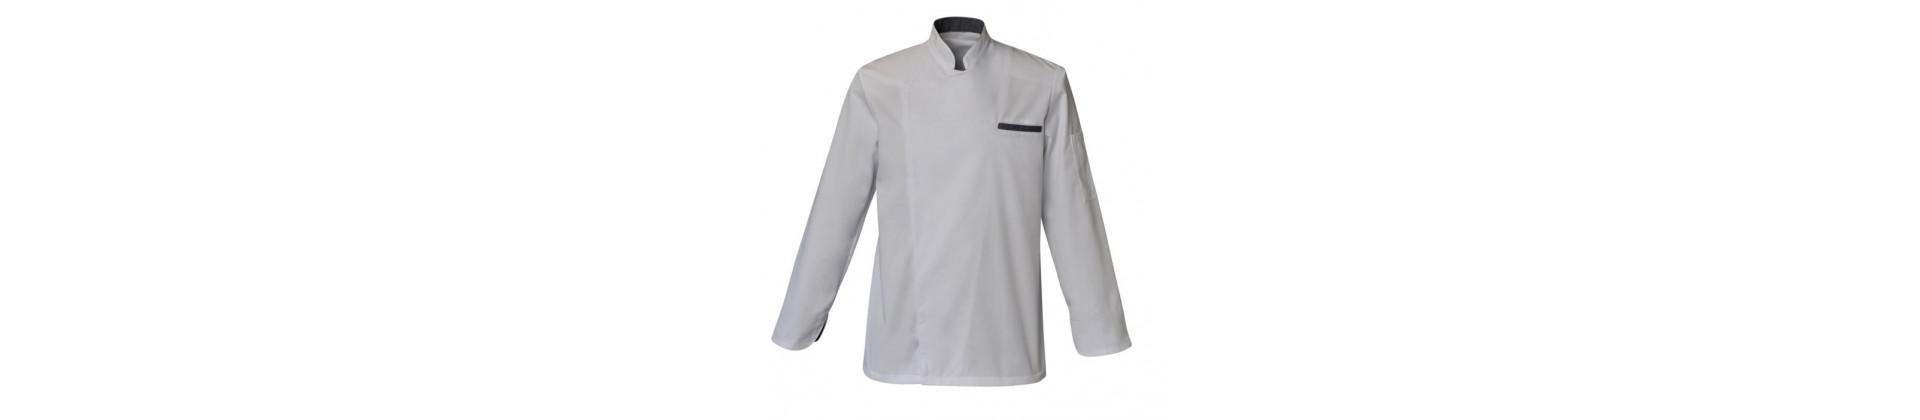 Tenues de cuisine restaurant, hôtels | Vestes | Pantalons | Chaussures